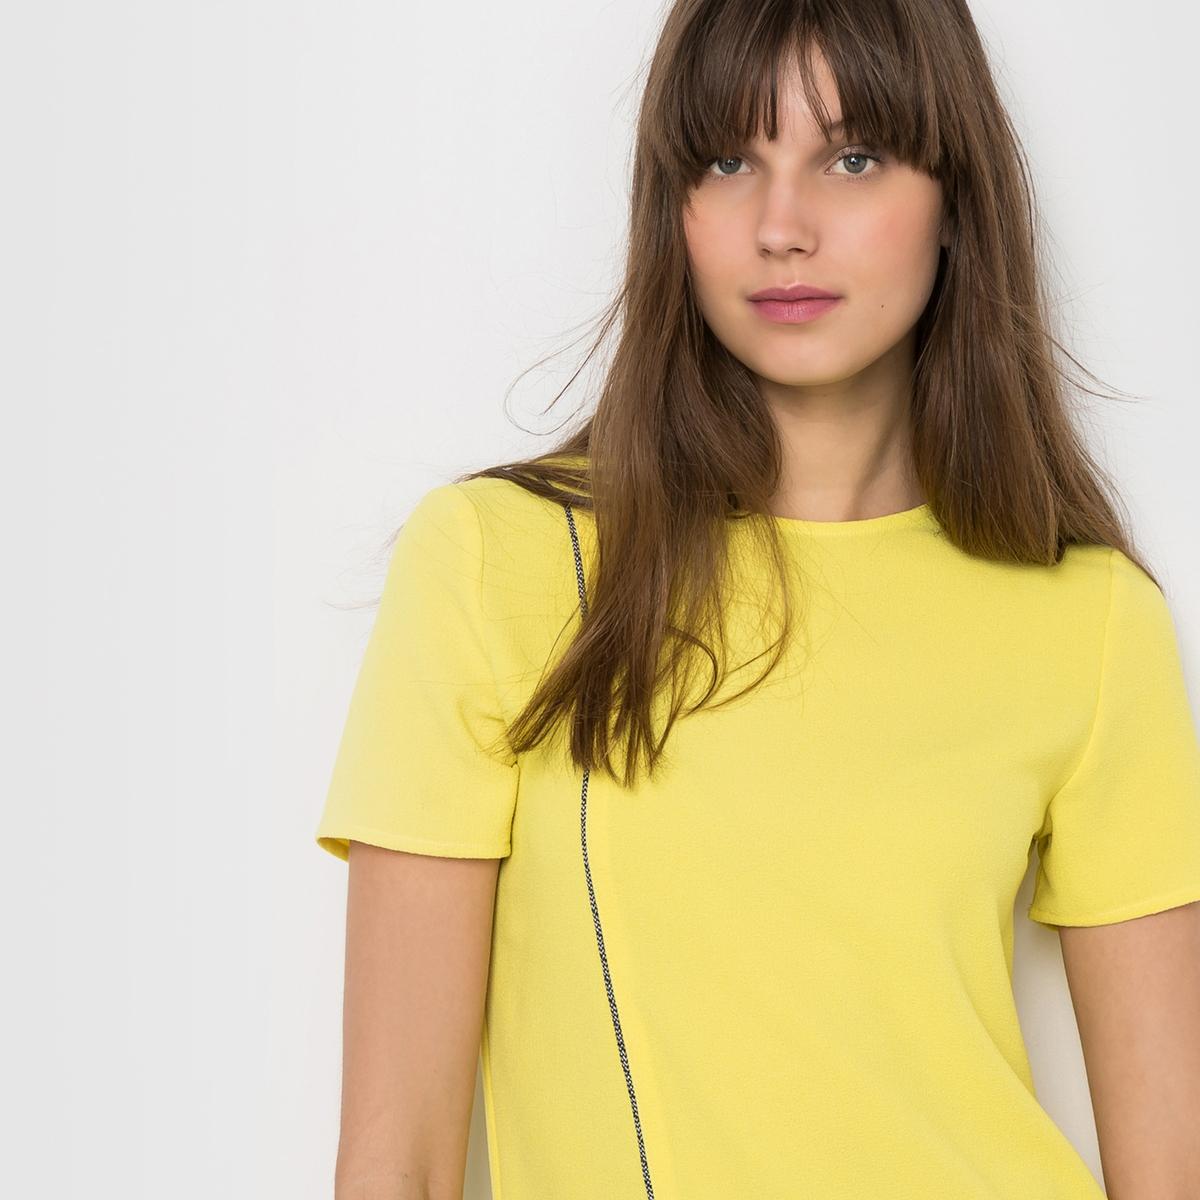 Платье с контрастной бейкой. Короткие рукаваПлатье 98% полиэстера, 2% эластана . Платье Круглый вырез Короткие рукава Отделка контрастной бейкой спереди Вырез-капелька на спинке Заниженная талия Длина 90 см<br><br>Цвет: желтый<br>Размер: 38 (FR) - 44 (RUS)